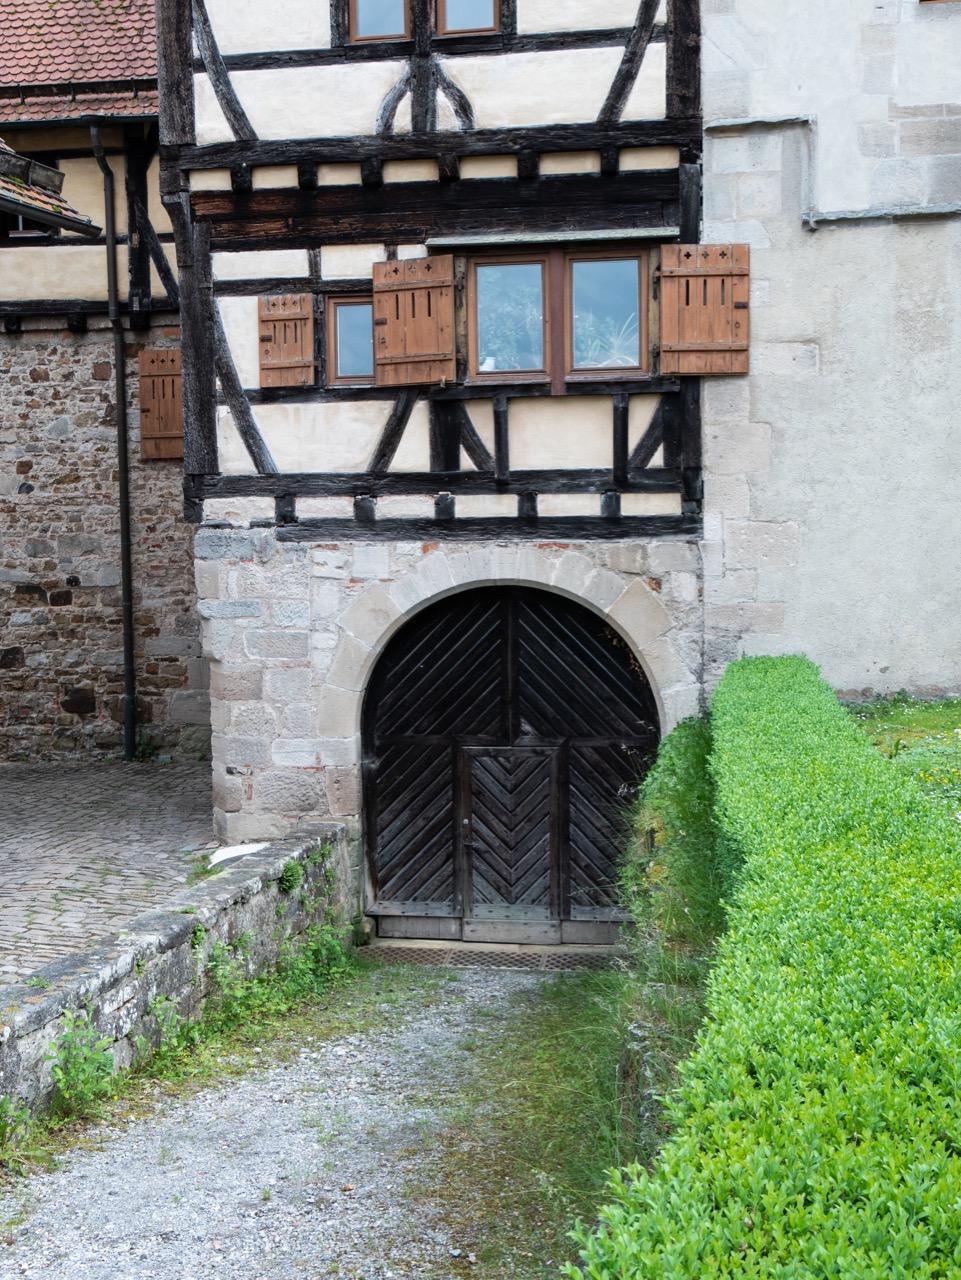 Eingang zum mittelalterlichen Weinkeller (13. Jh.)